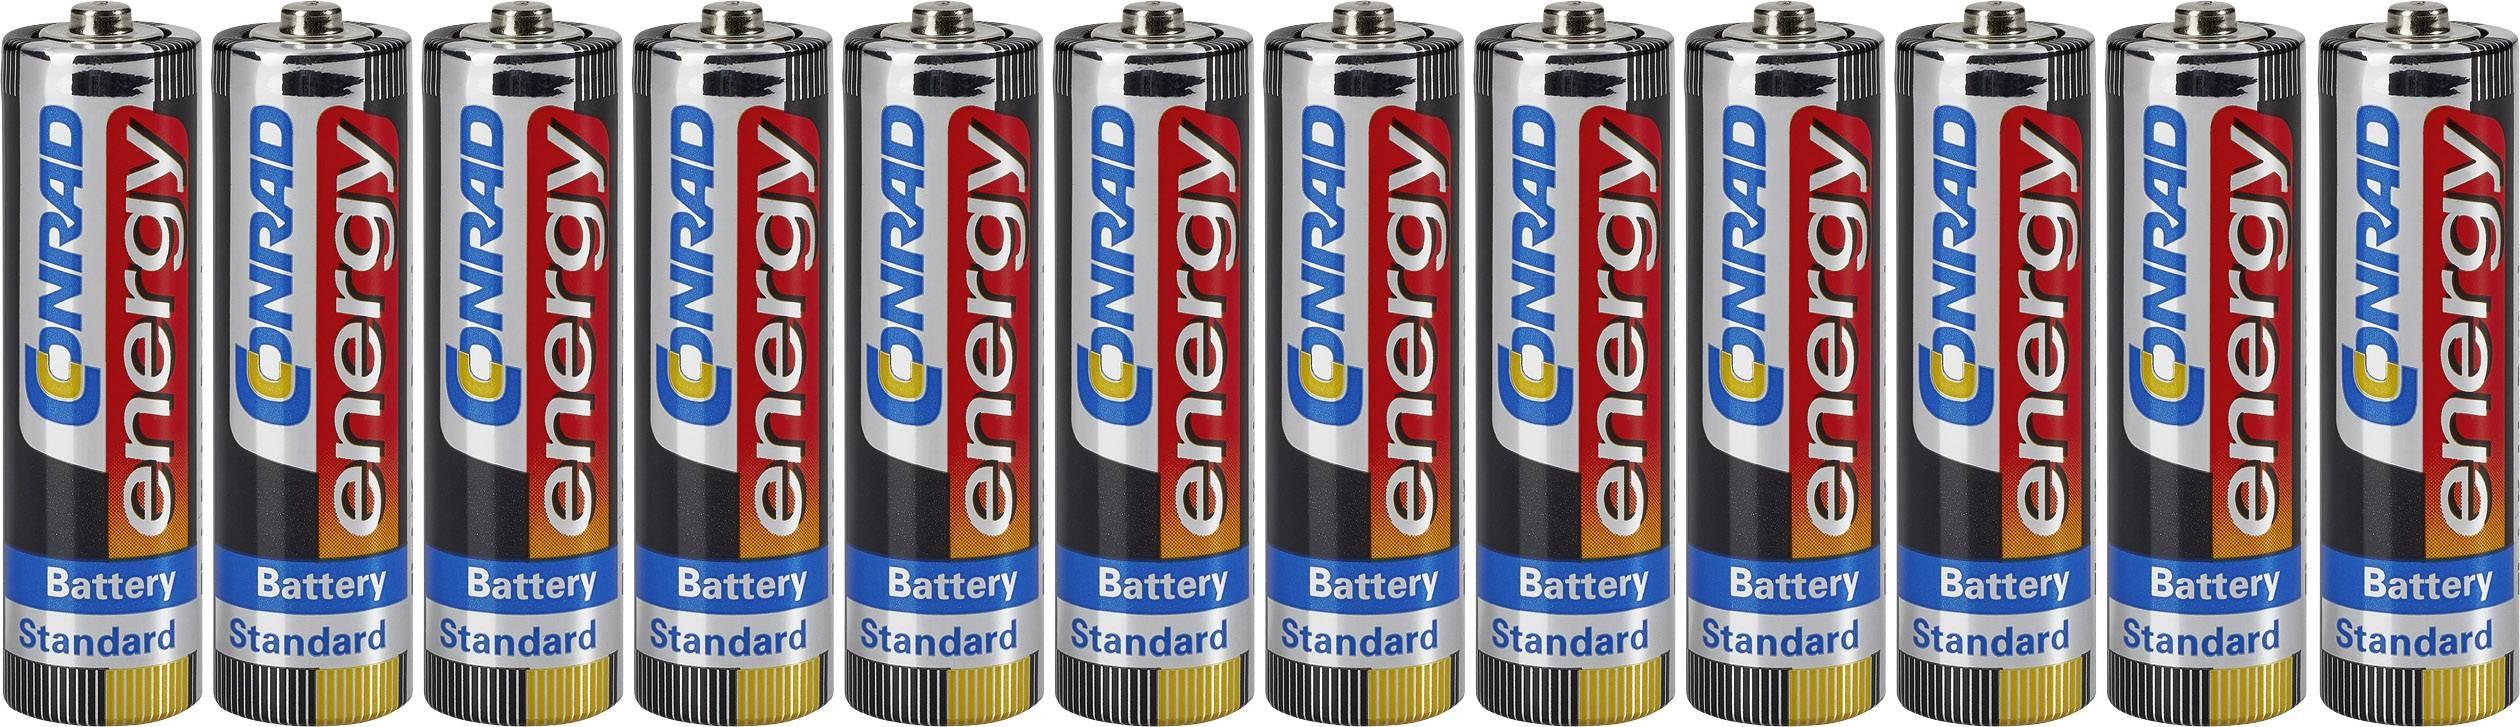 Tužková batéria typu AA zinok-uhlík Conrad energy LR06, 1.5 V, 12 ks